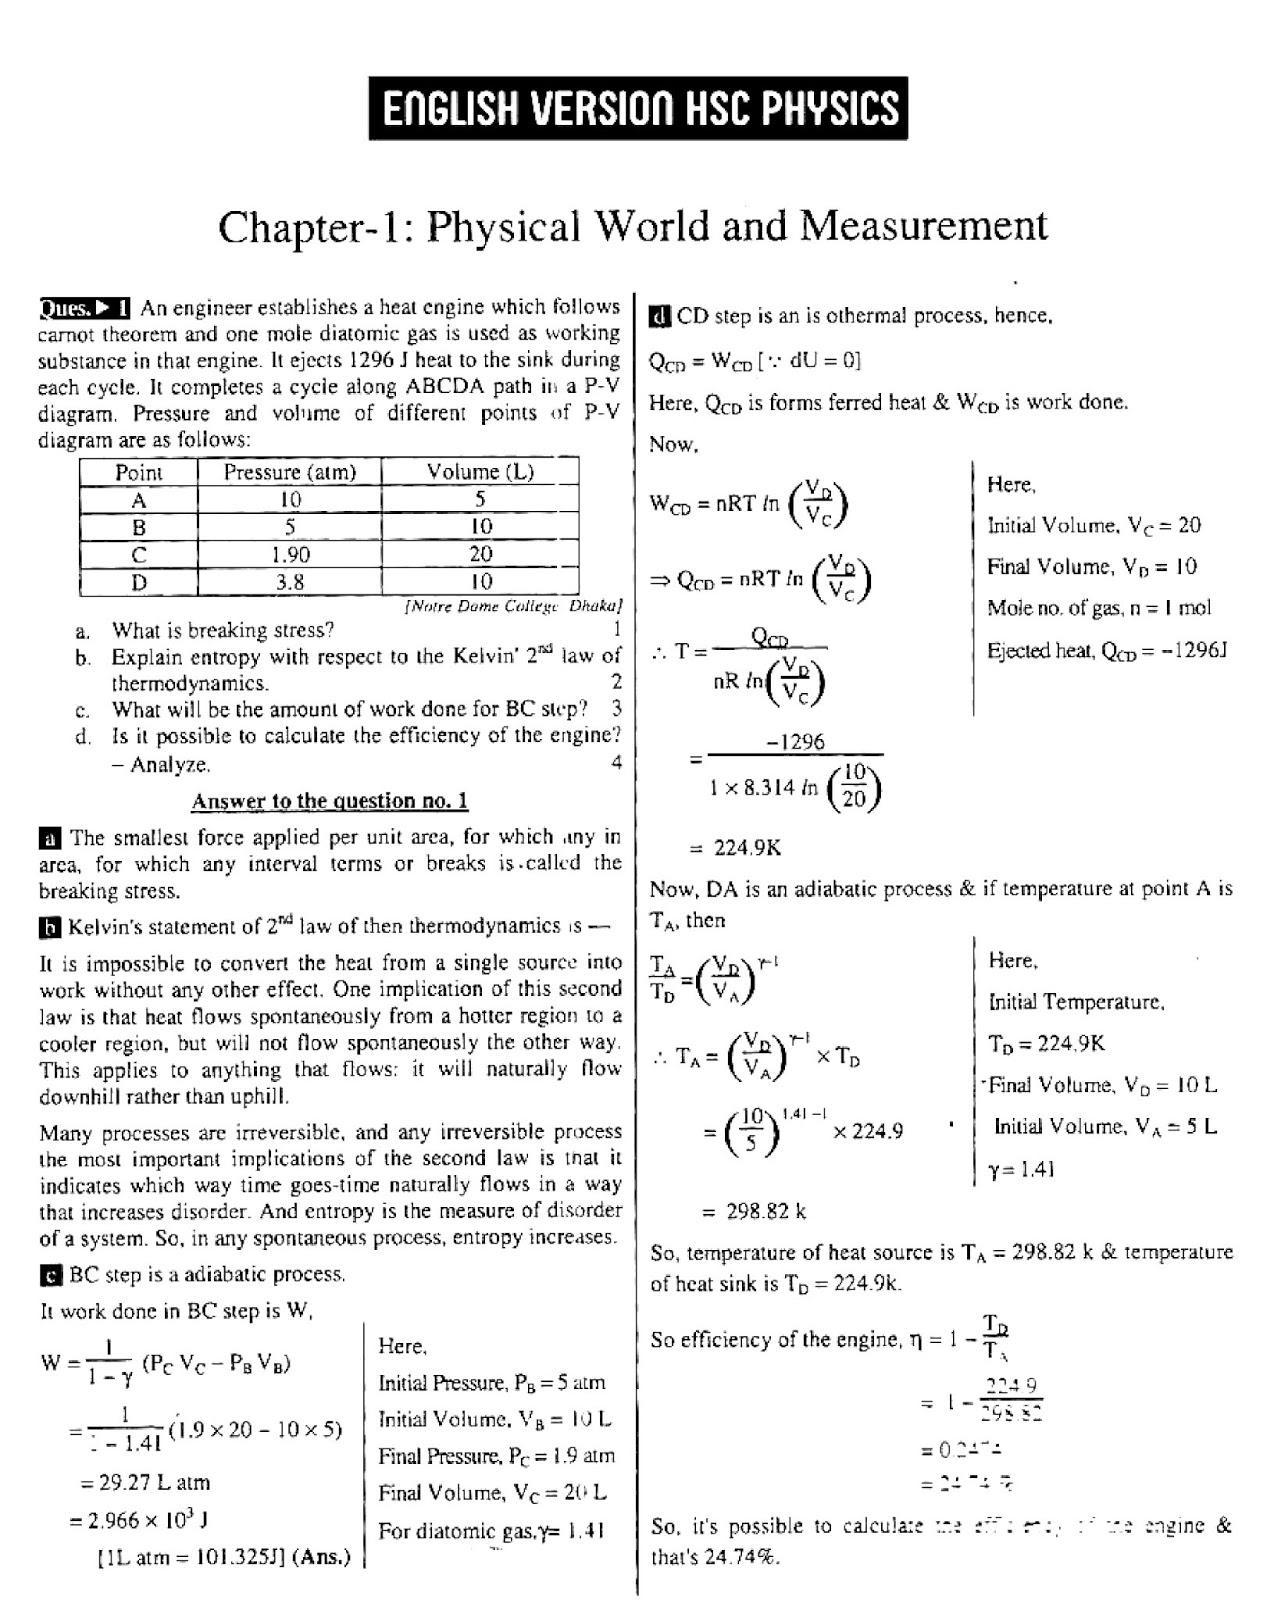 উচ্চমাধ্যমিক পদার্থবিজ্ঞান ১ম পত্র ইংরেজি ভার্সন গাইড pdf,এইচএসসি পদার্থবিজ্ঞান ১ম পত্র ইংরেজি ভার্সন নোট pdf Download,একাদশ-দ্বাদশ শ্রেণির পদার্থবিজ্ঞান ১ম পত্র ইংরেজি ভার্সন গাইড pdf,Hsc Physics 1st Paper English version note pdf